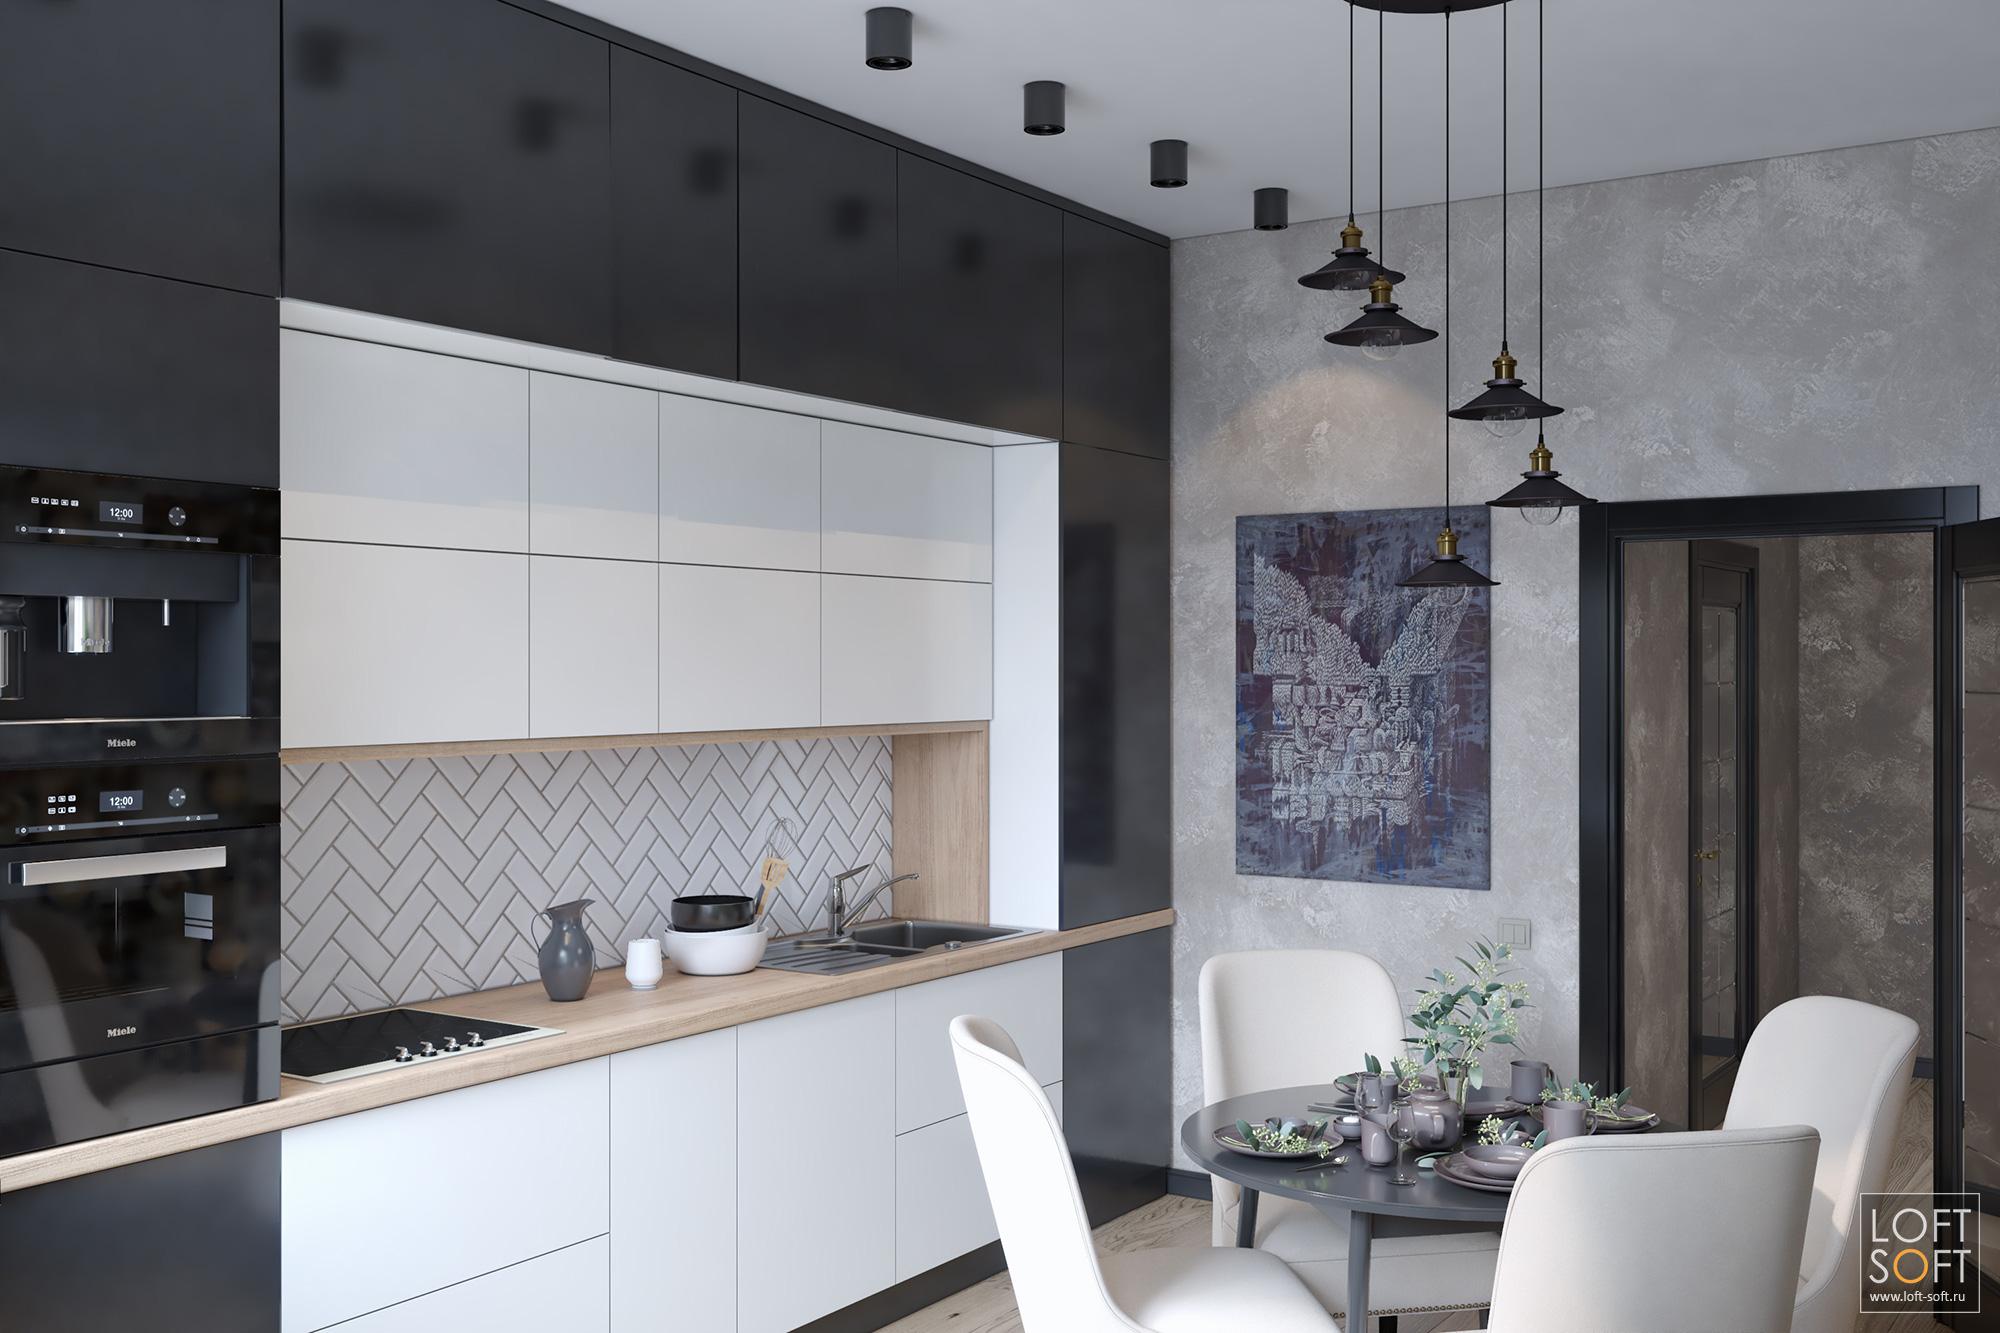 современная кухни, кухня всовременном интерьере